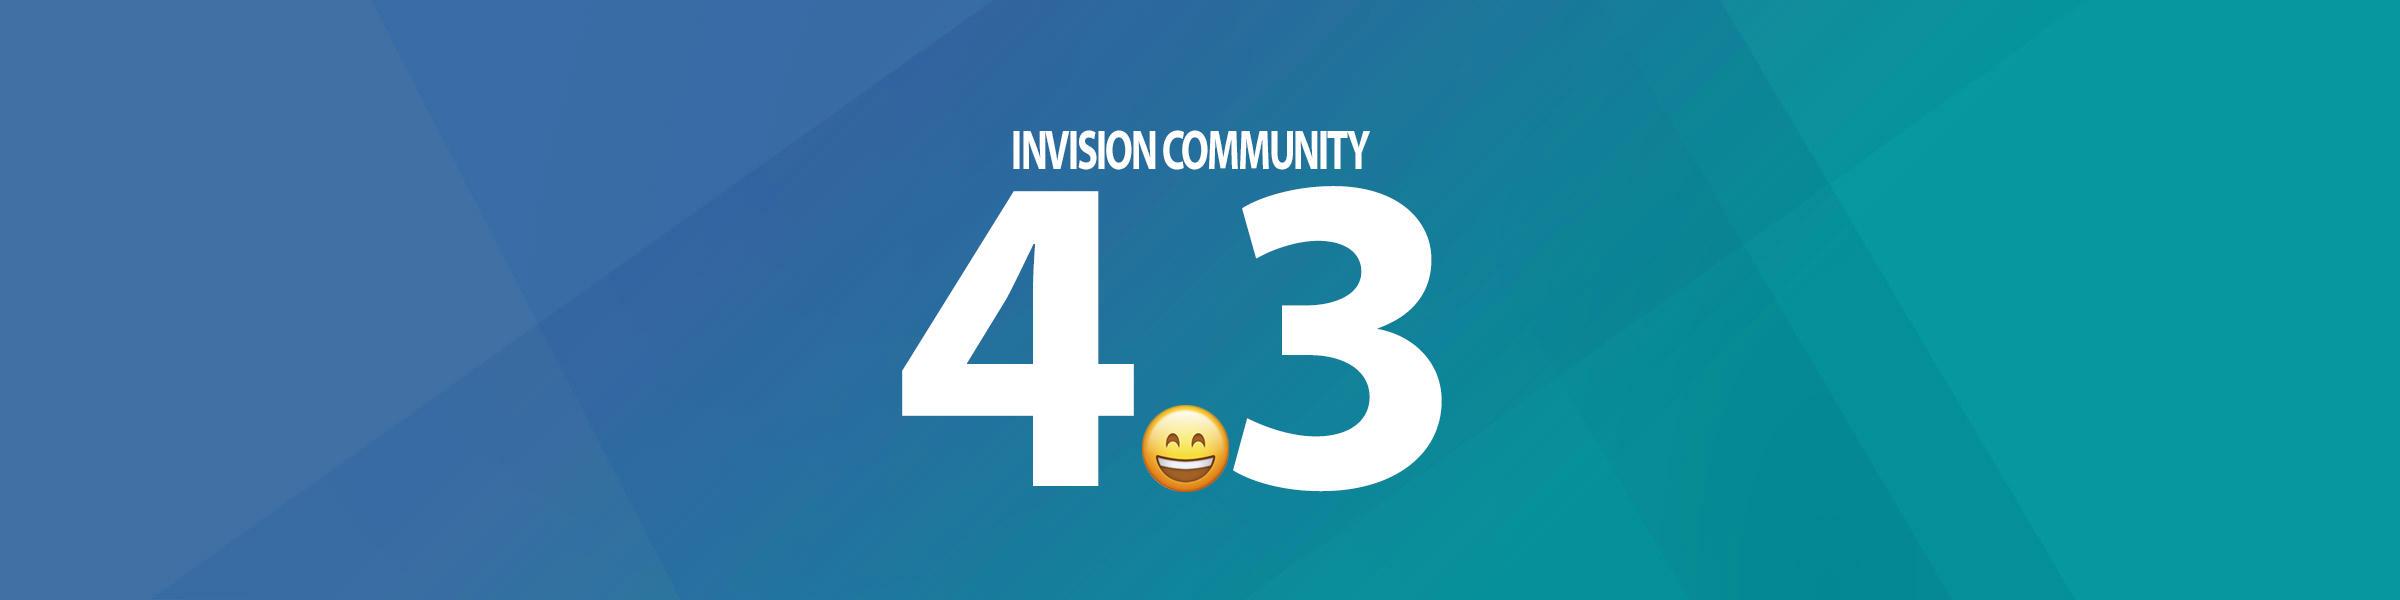 IPS Community Suite 4.5.3